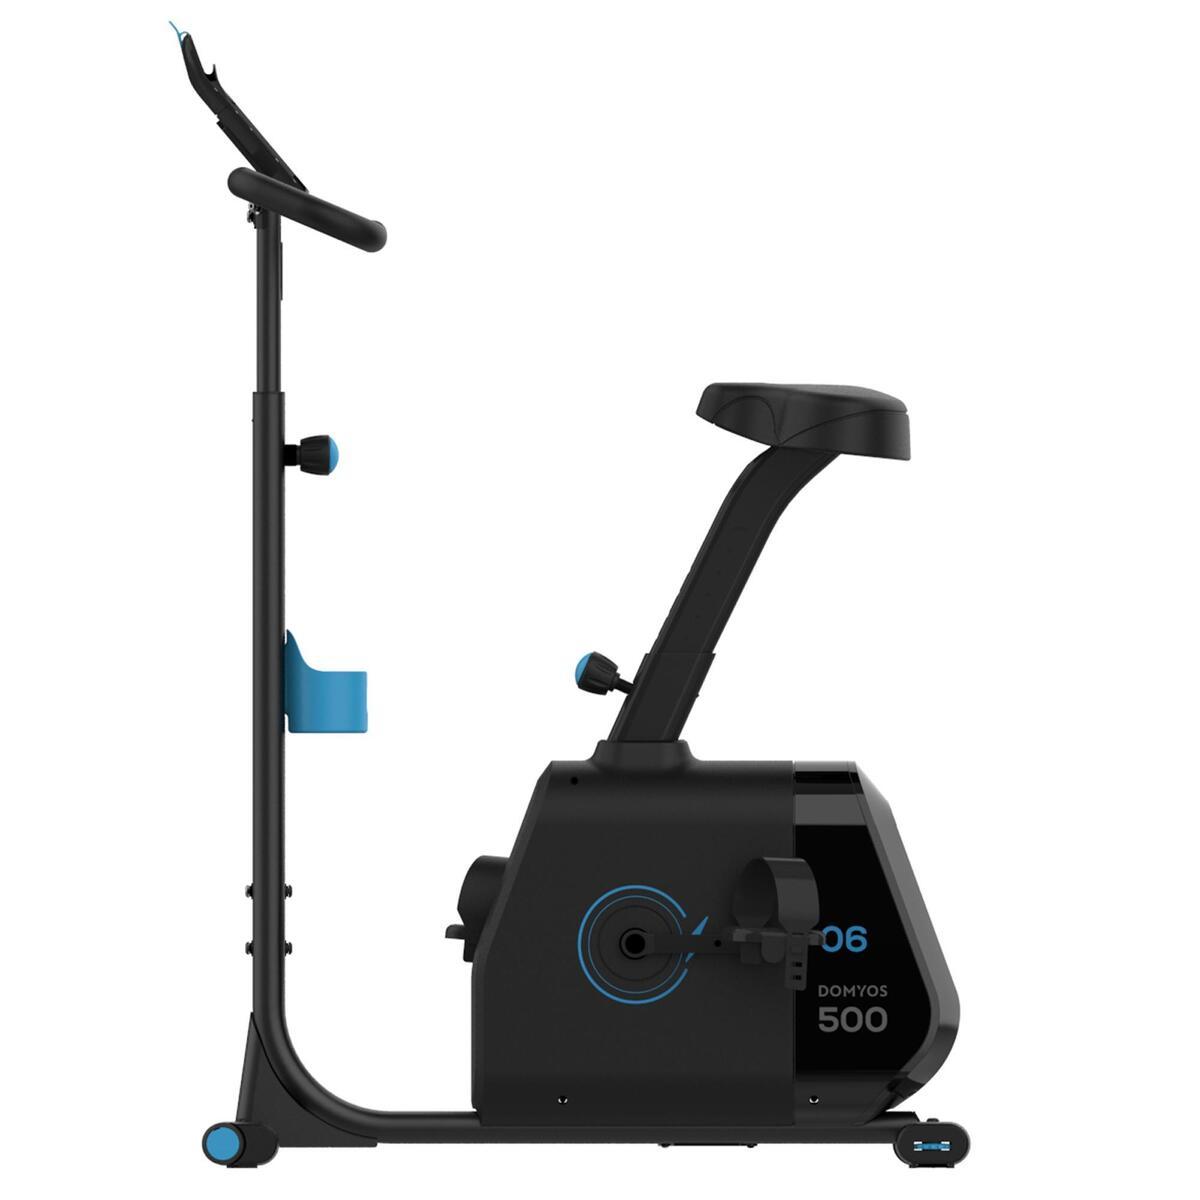 Bild 2 von Heimtrainer Bike500 Self Powered